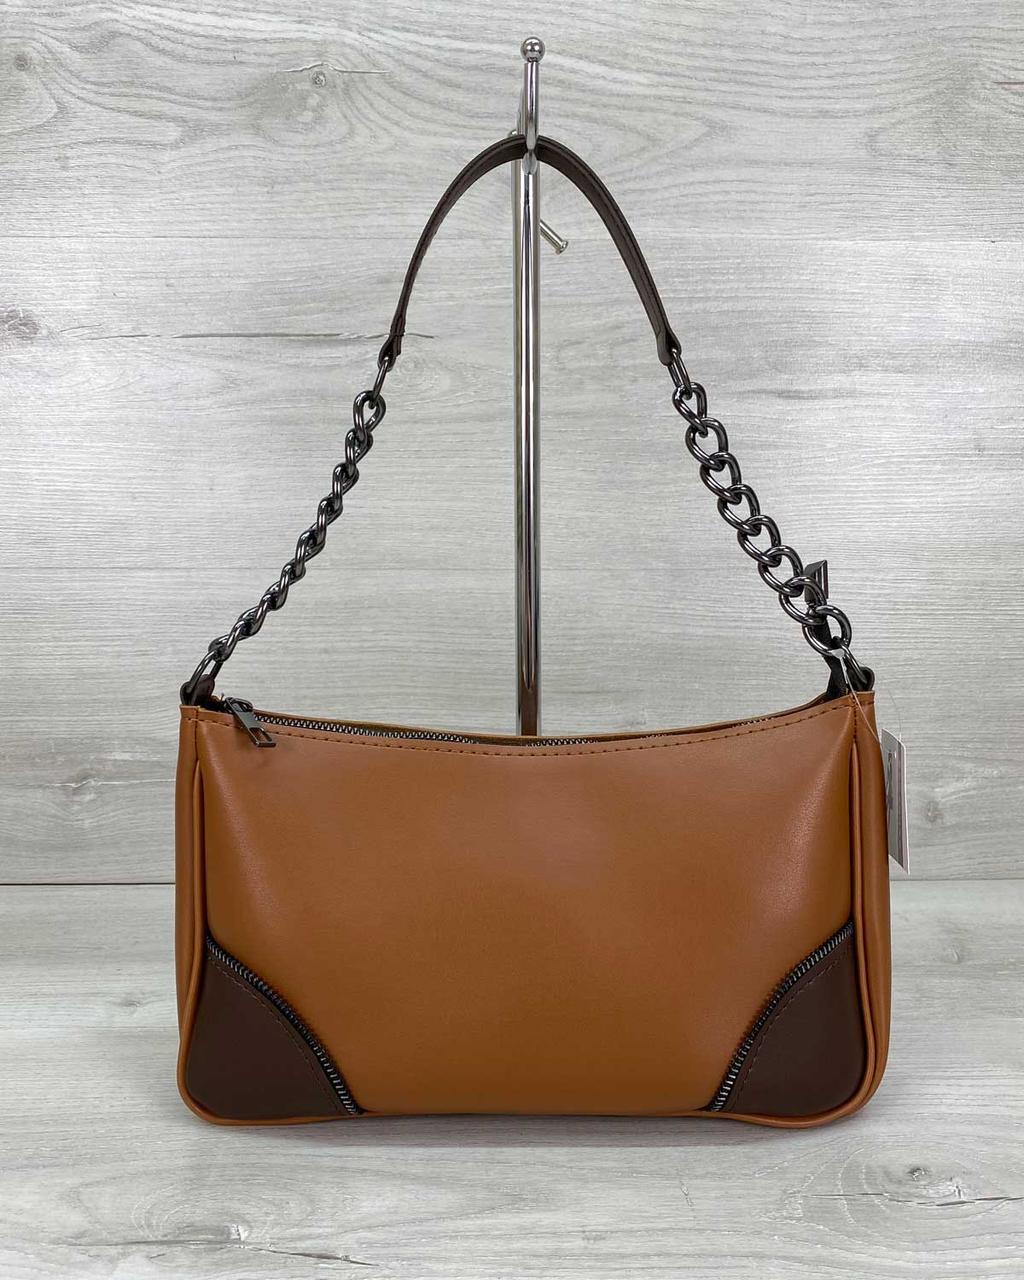 Молодежная сумка клатч через плечо женская «Луна» рыжая, маленькая сумочка на длинном ремешке